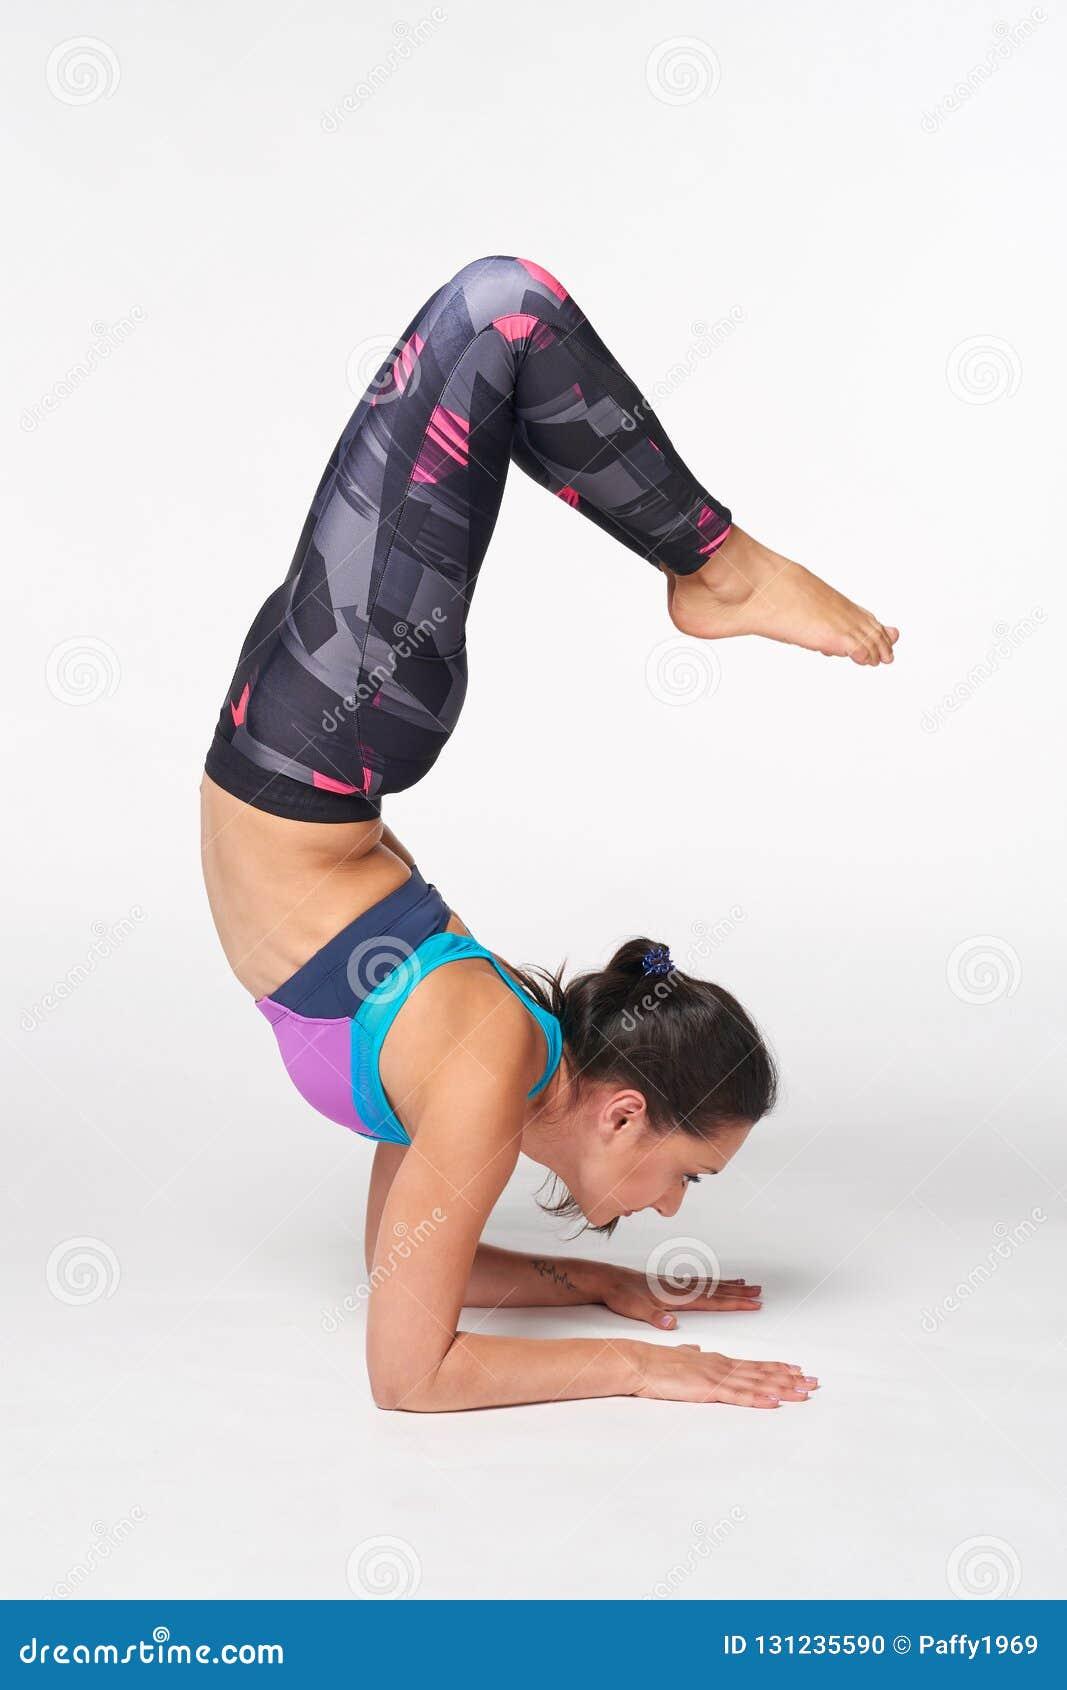 1e14c7c72e61e Full Length Woman Practicing Yoga Vrschikasana, Scorpion Pose Stock ...